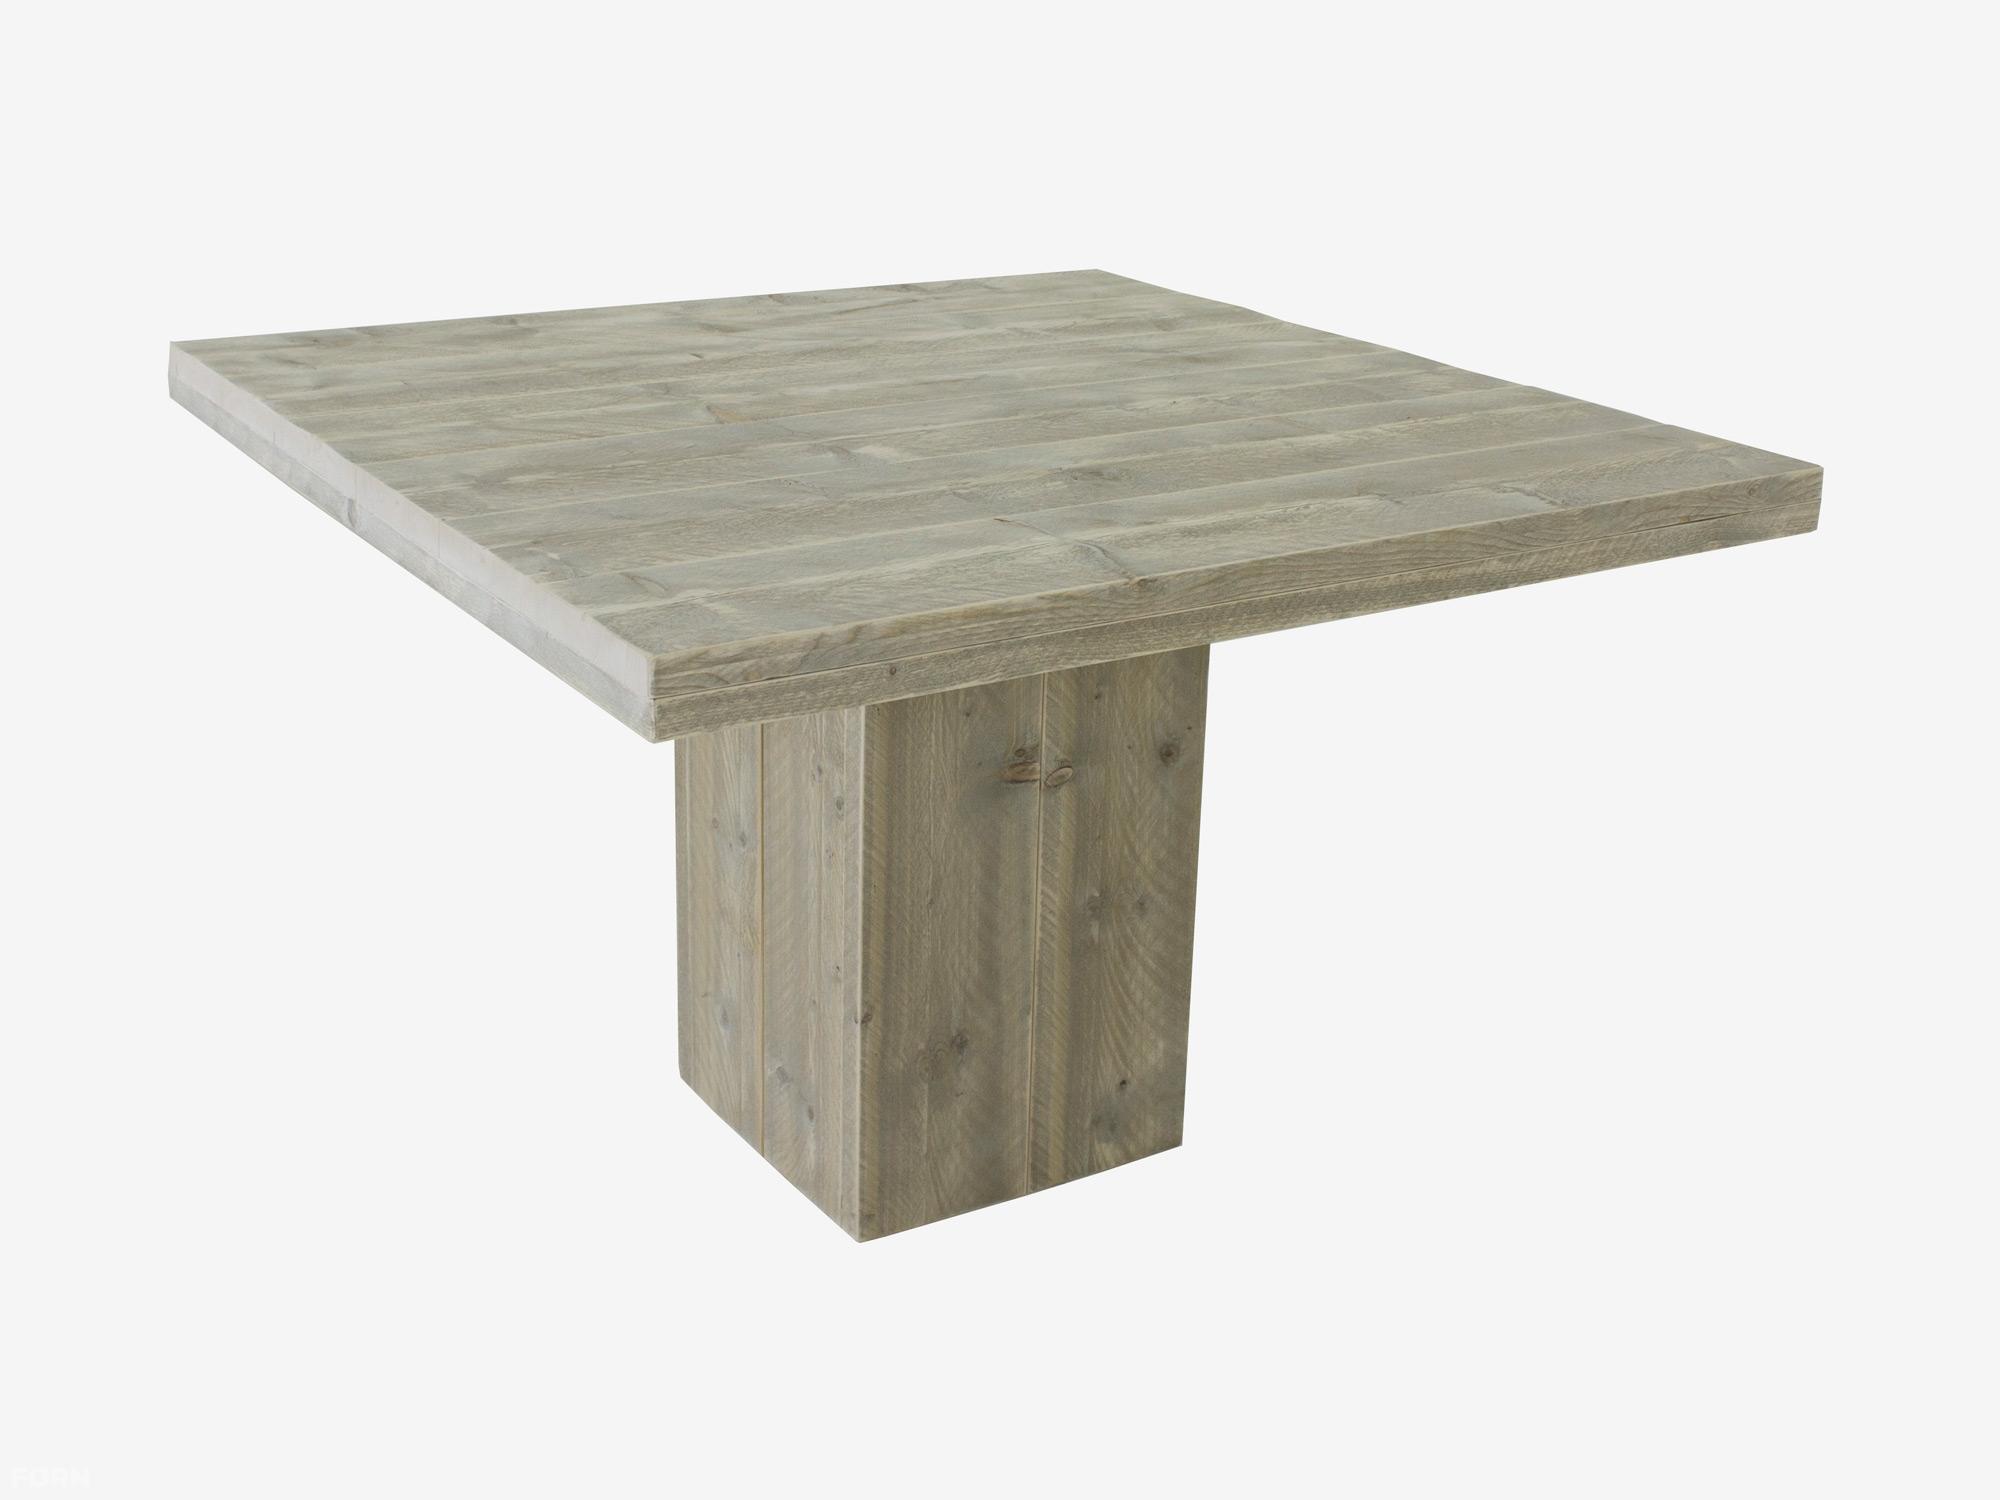 Vierkante Eettafel Steigerhout.Steigerhouten Tafel Trier